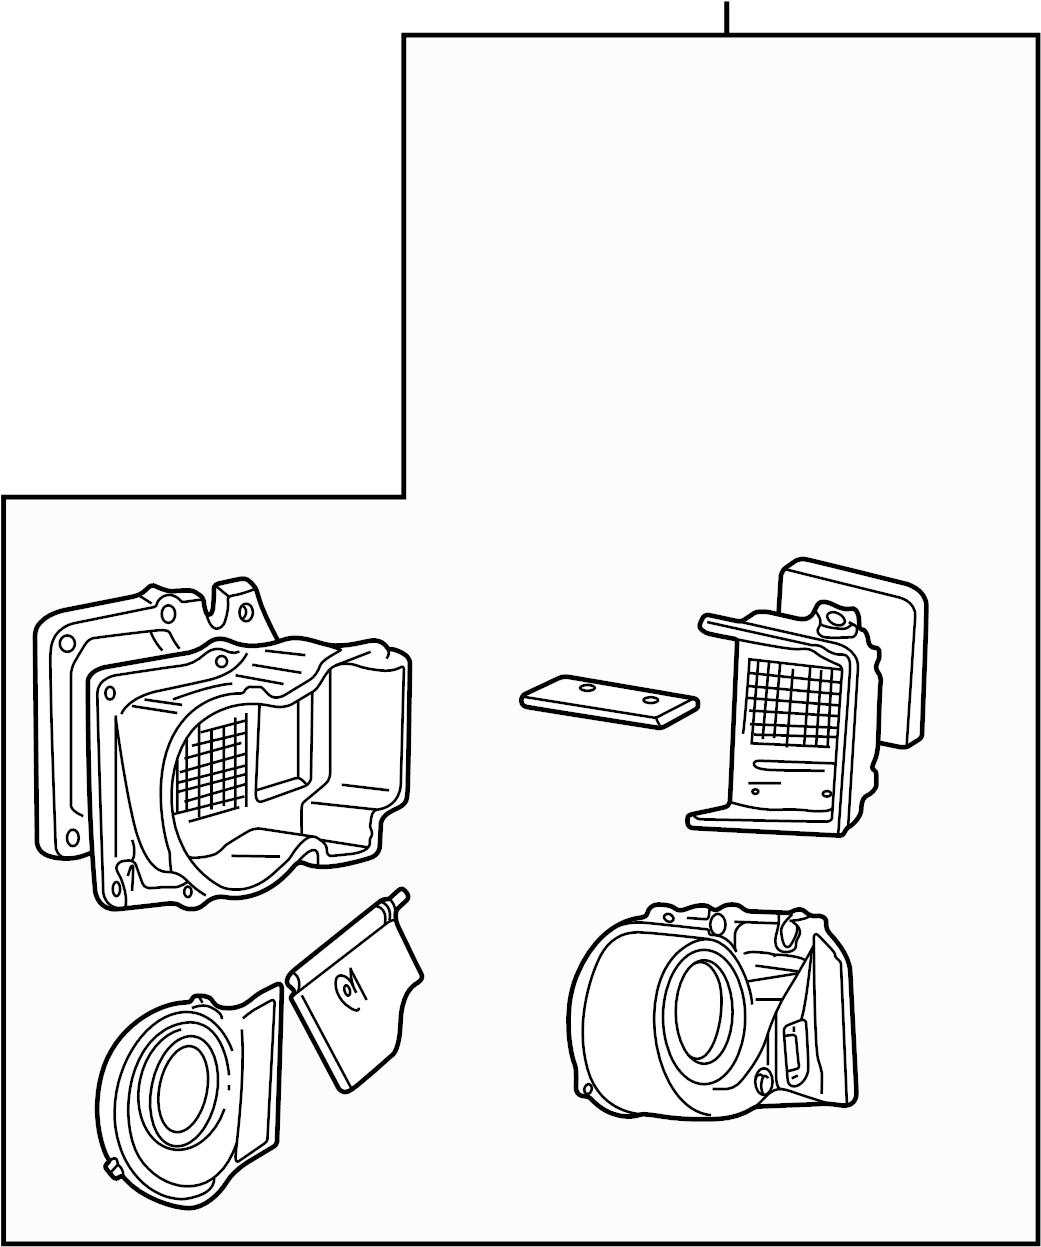 Ford F-450 Super Duty A/c evaporator core and case